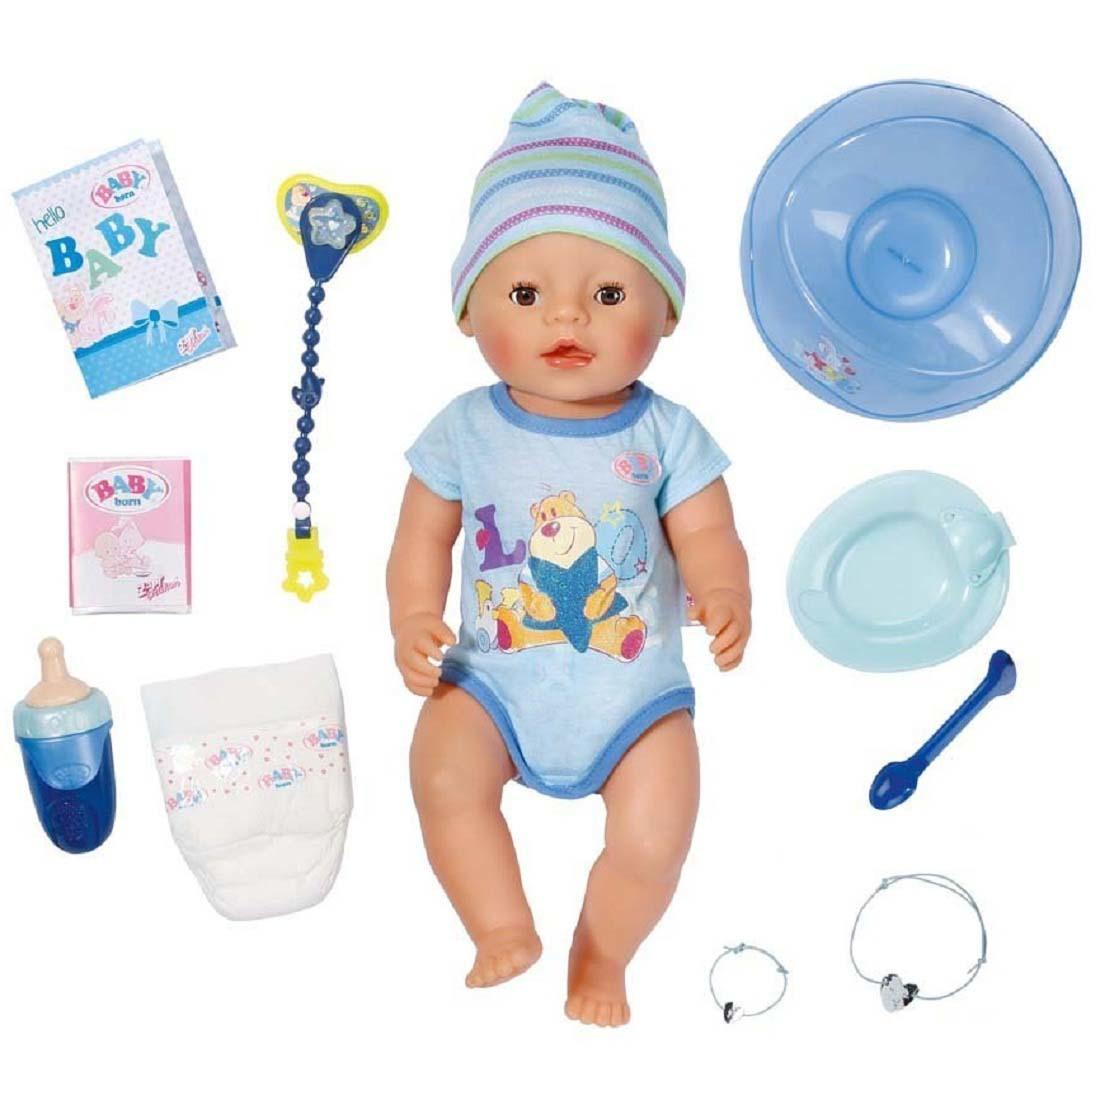 Беби Бон Мальчик в голубом комбинезоне купить в интернет